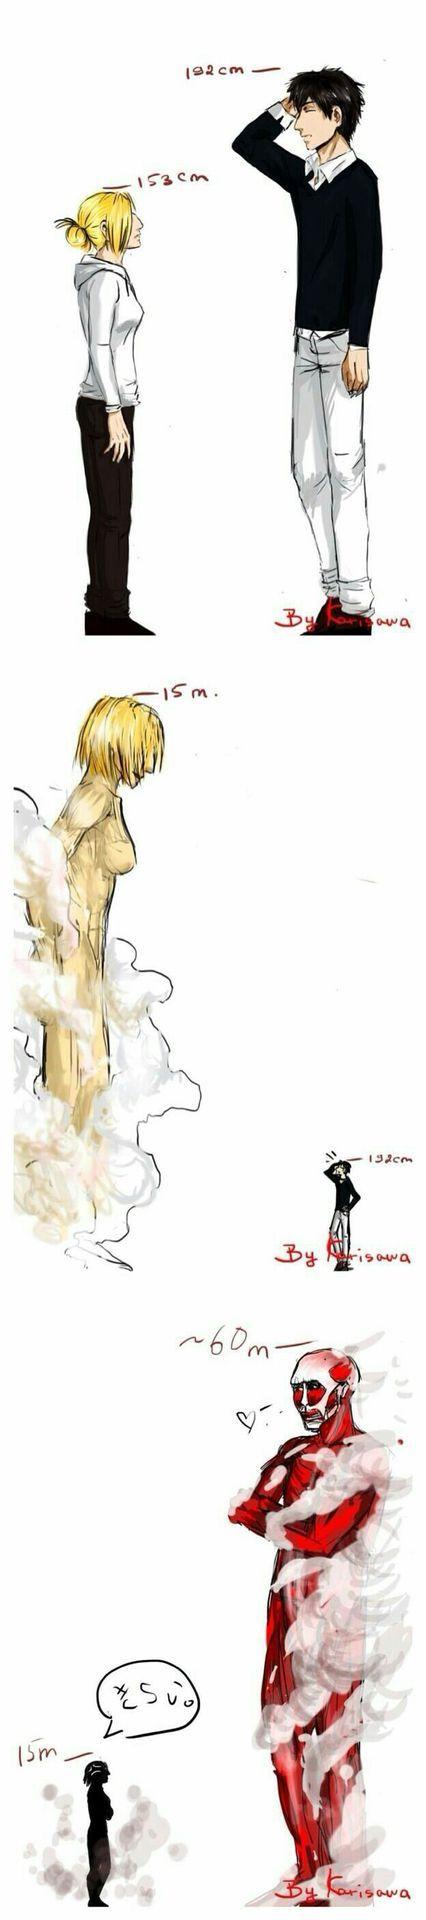 Shingeki no Kyojin M.C